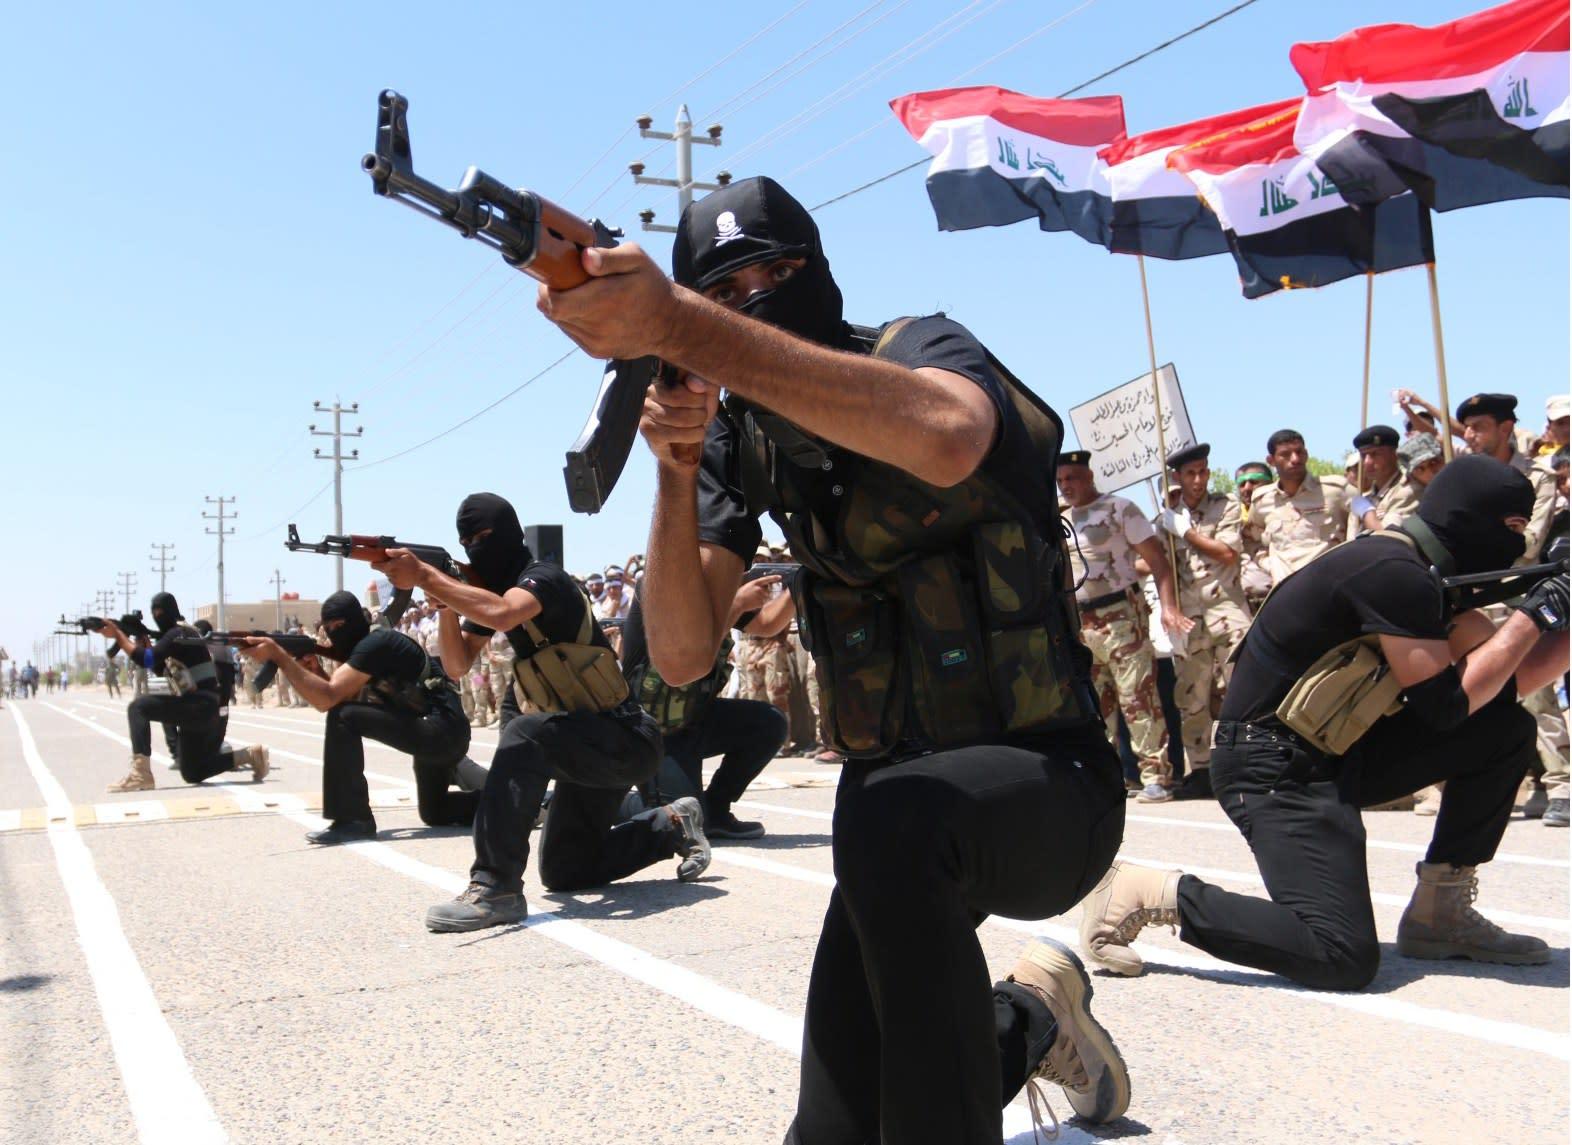 بغداد تضم عشرات آلاف المتطوعين والبارزاني يؤكد: داعش دولة مدججة بالسلاح